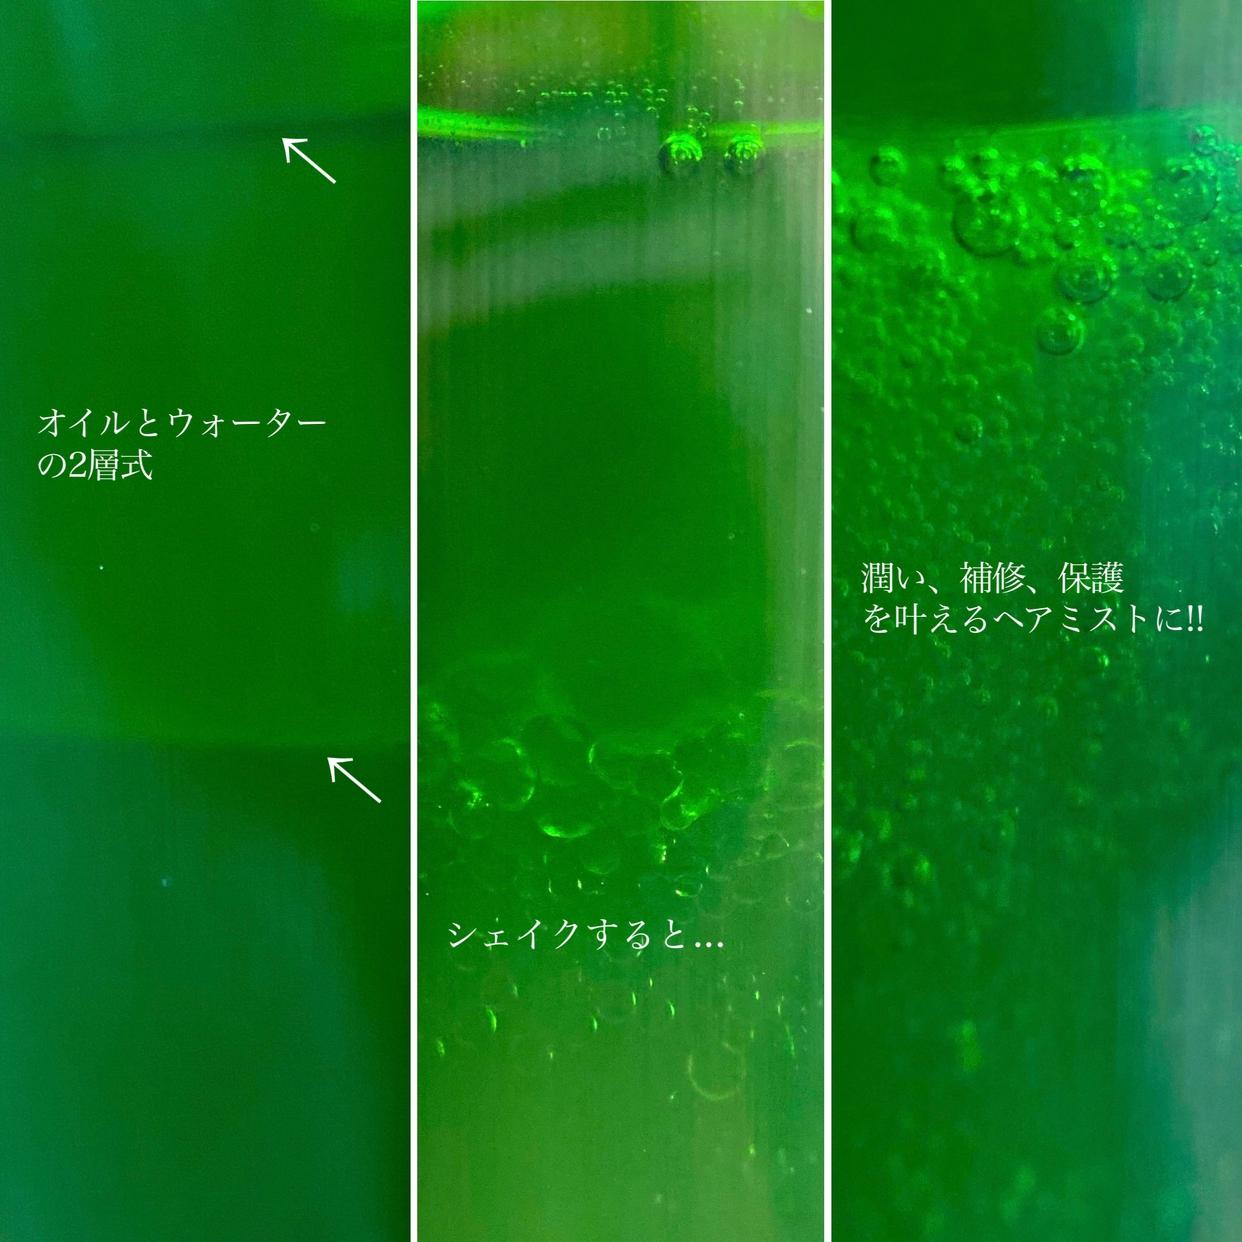 WELEDA(ヴェレダ)ヘアミストを使ったHimachinさんのクチコミ画像3